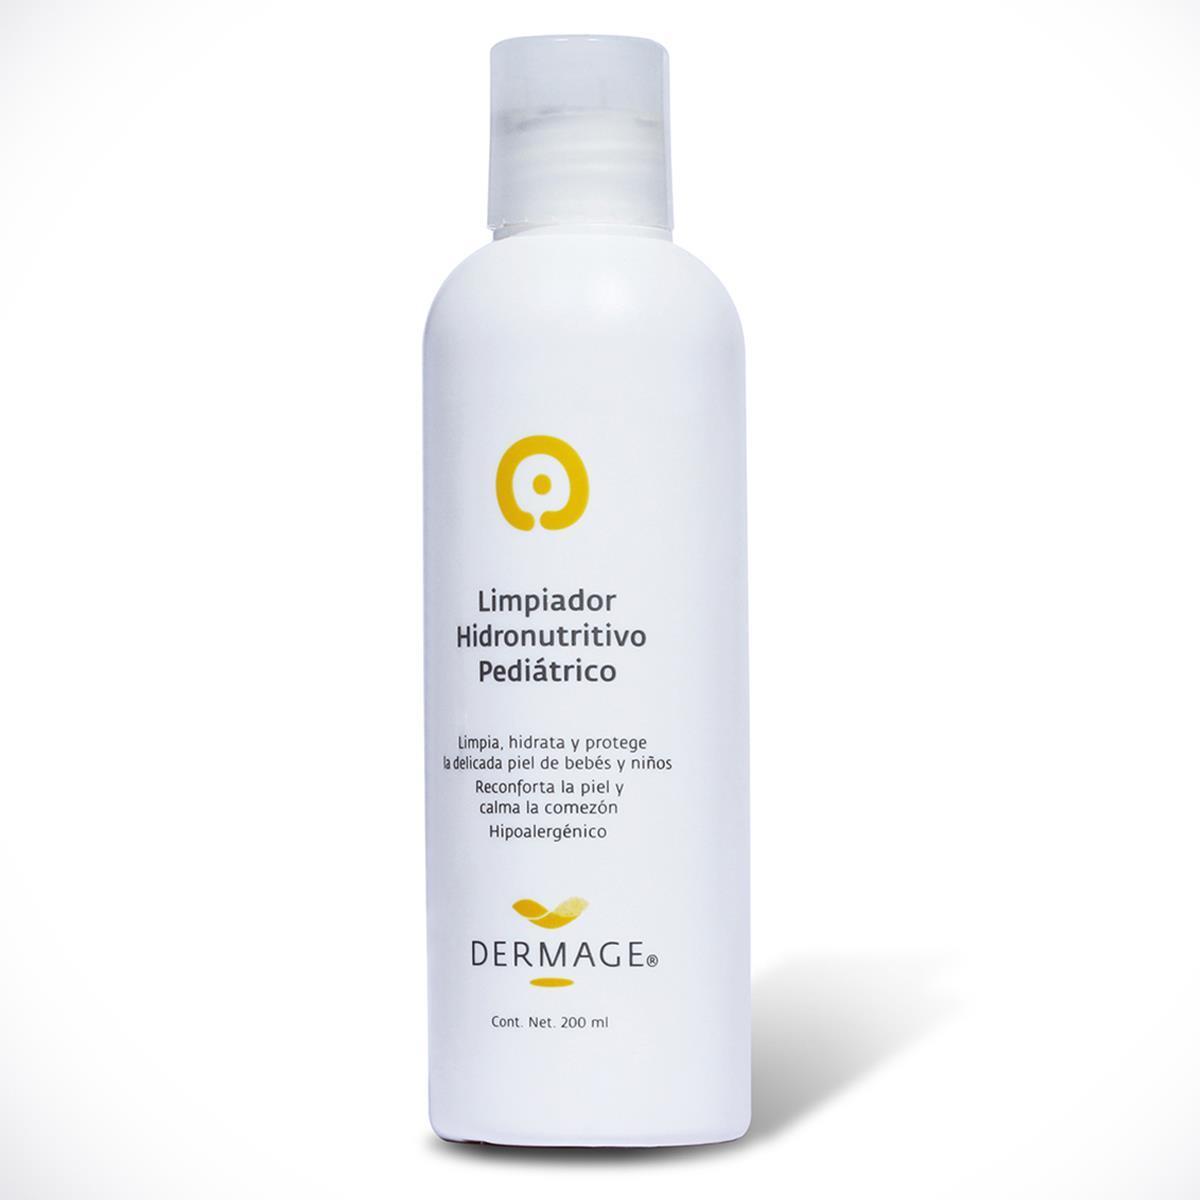 Sustituto de jabón (Syndet) para la higiene corporal diaria. Limpia, nutre y protege la piel seca, sensible o atópica de bebés y niños. <br/><br/>Envase con 200ml